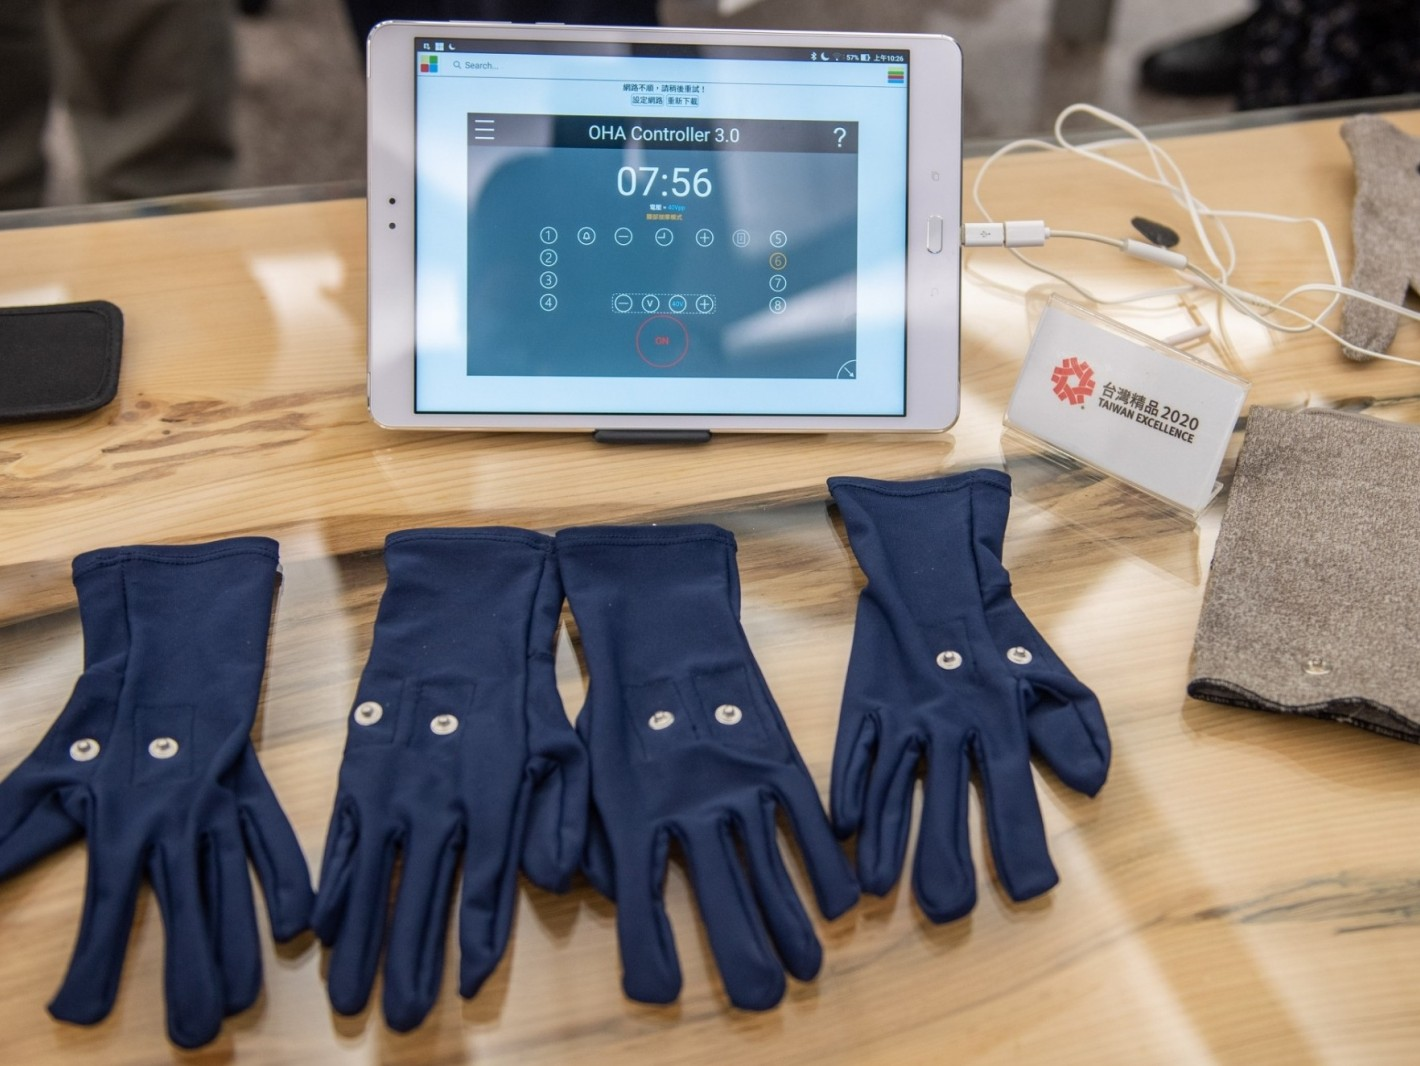 2020年台灣精品獎得主豪紳纖維科技股份有限公司的獲獎產品穿戴式智慧按摩紡織品